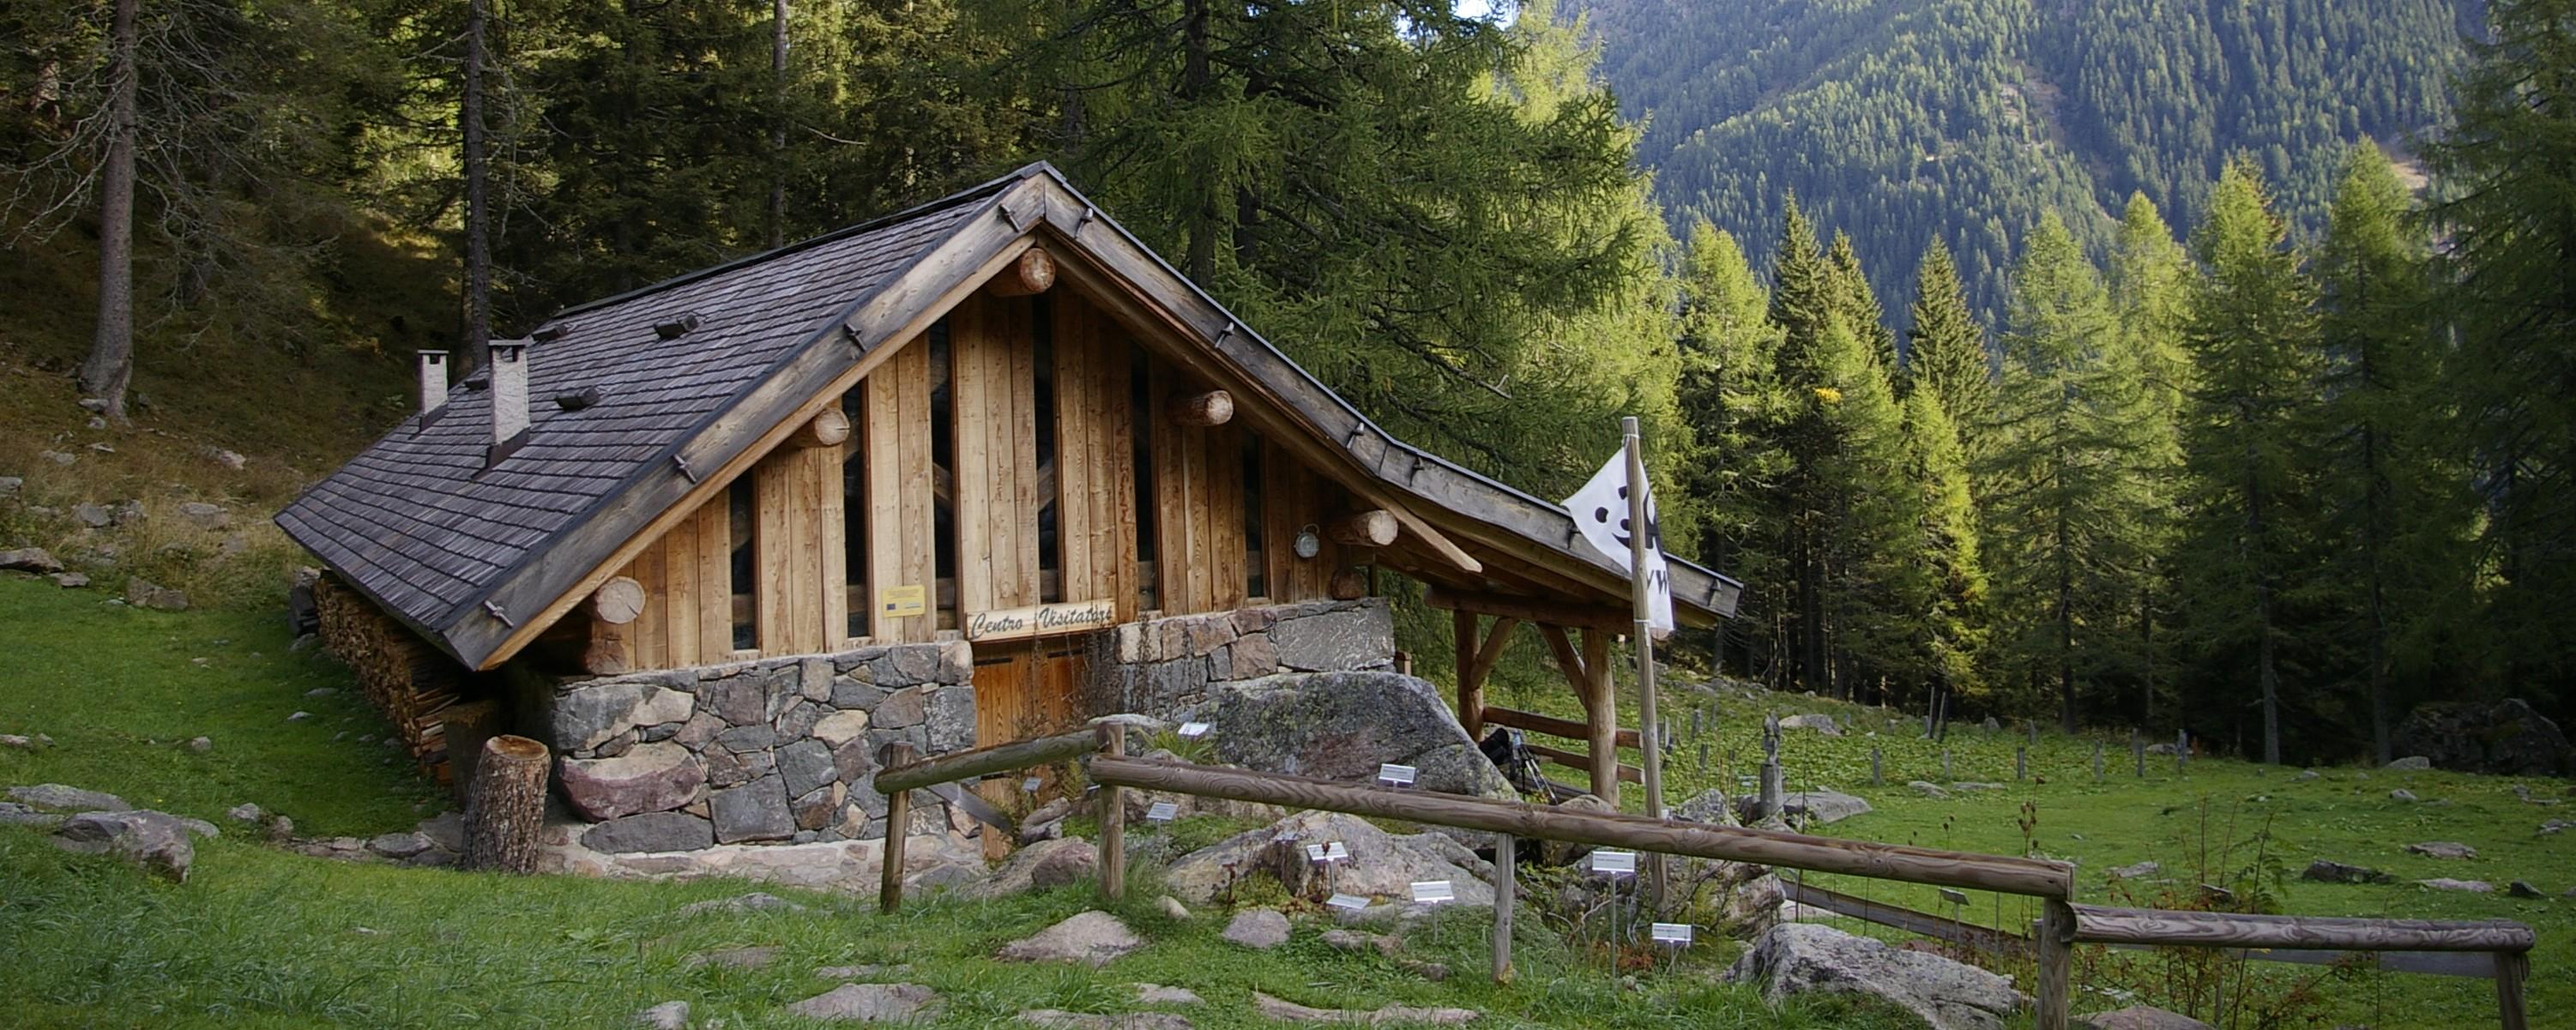 Oasi WWF di Valtrigona, Trentino